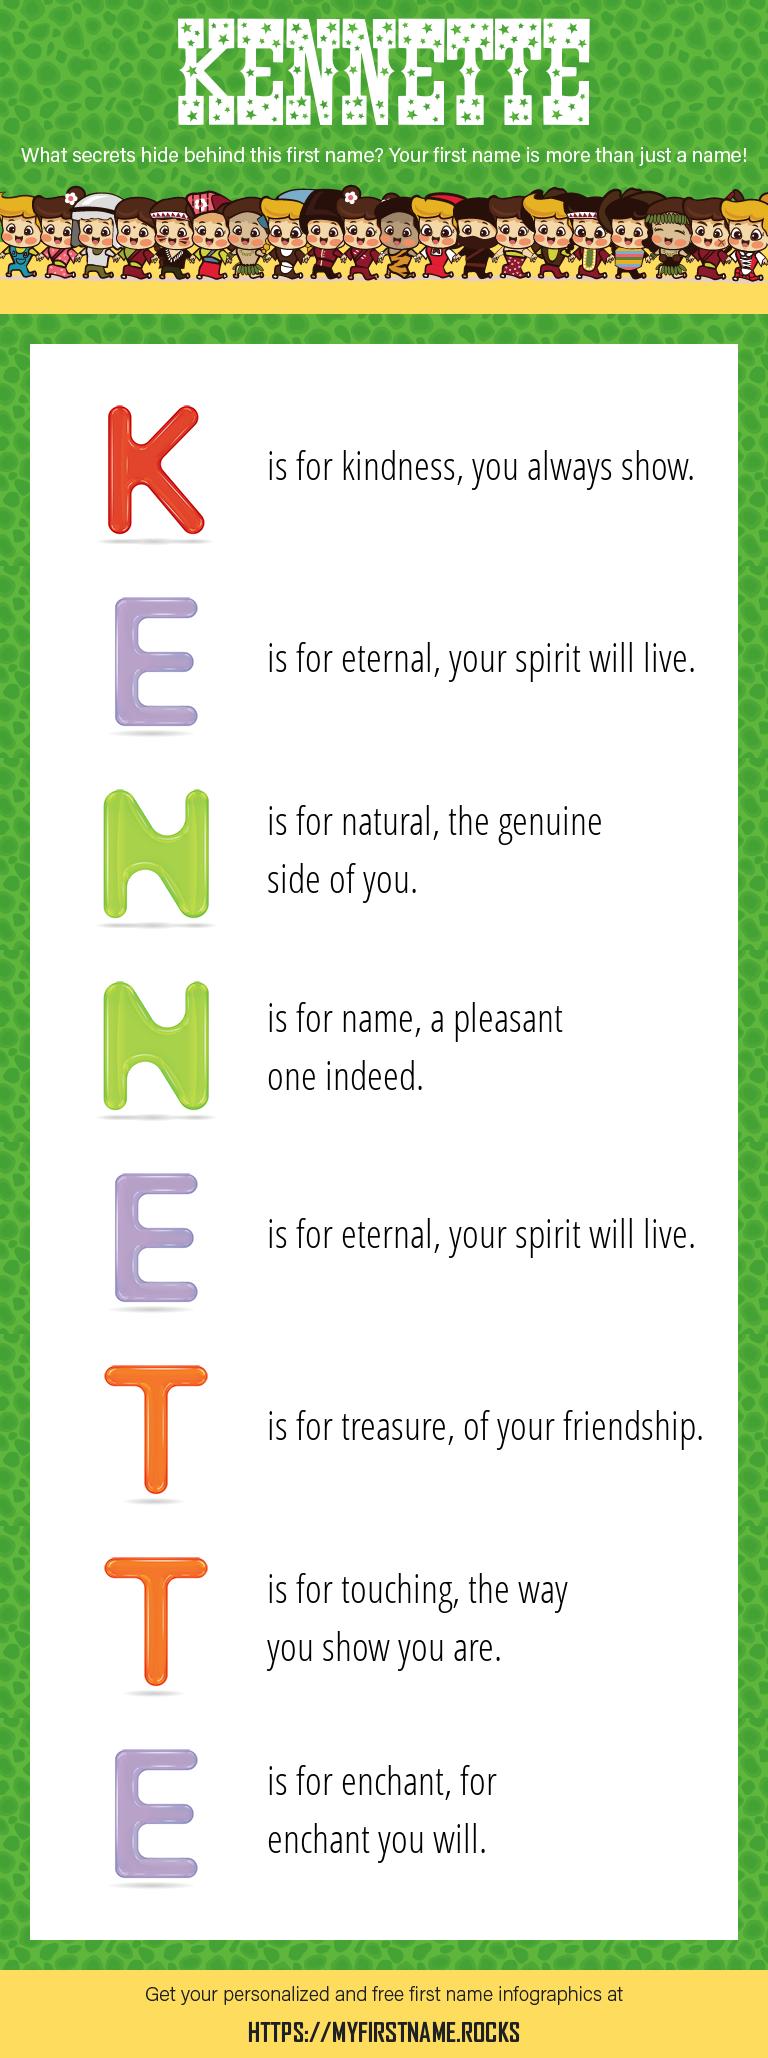 Kennette Infographics